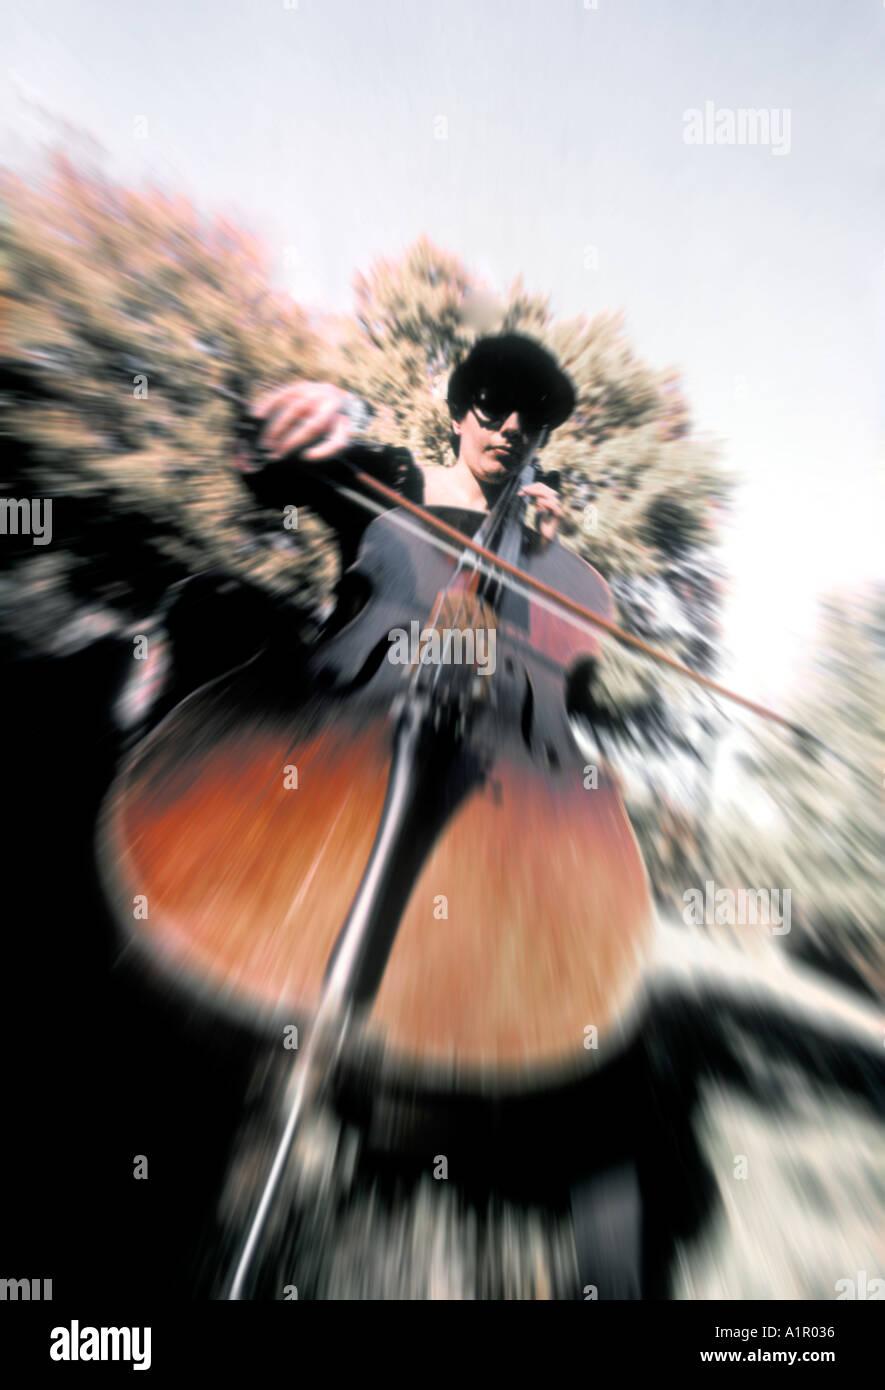 Mujer jugando música Violonchelo Imagen De Stock